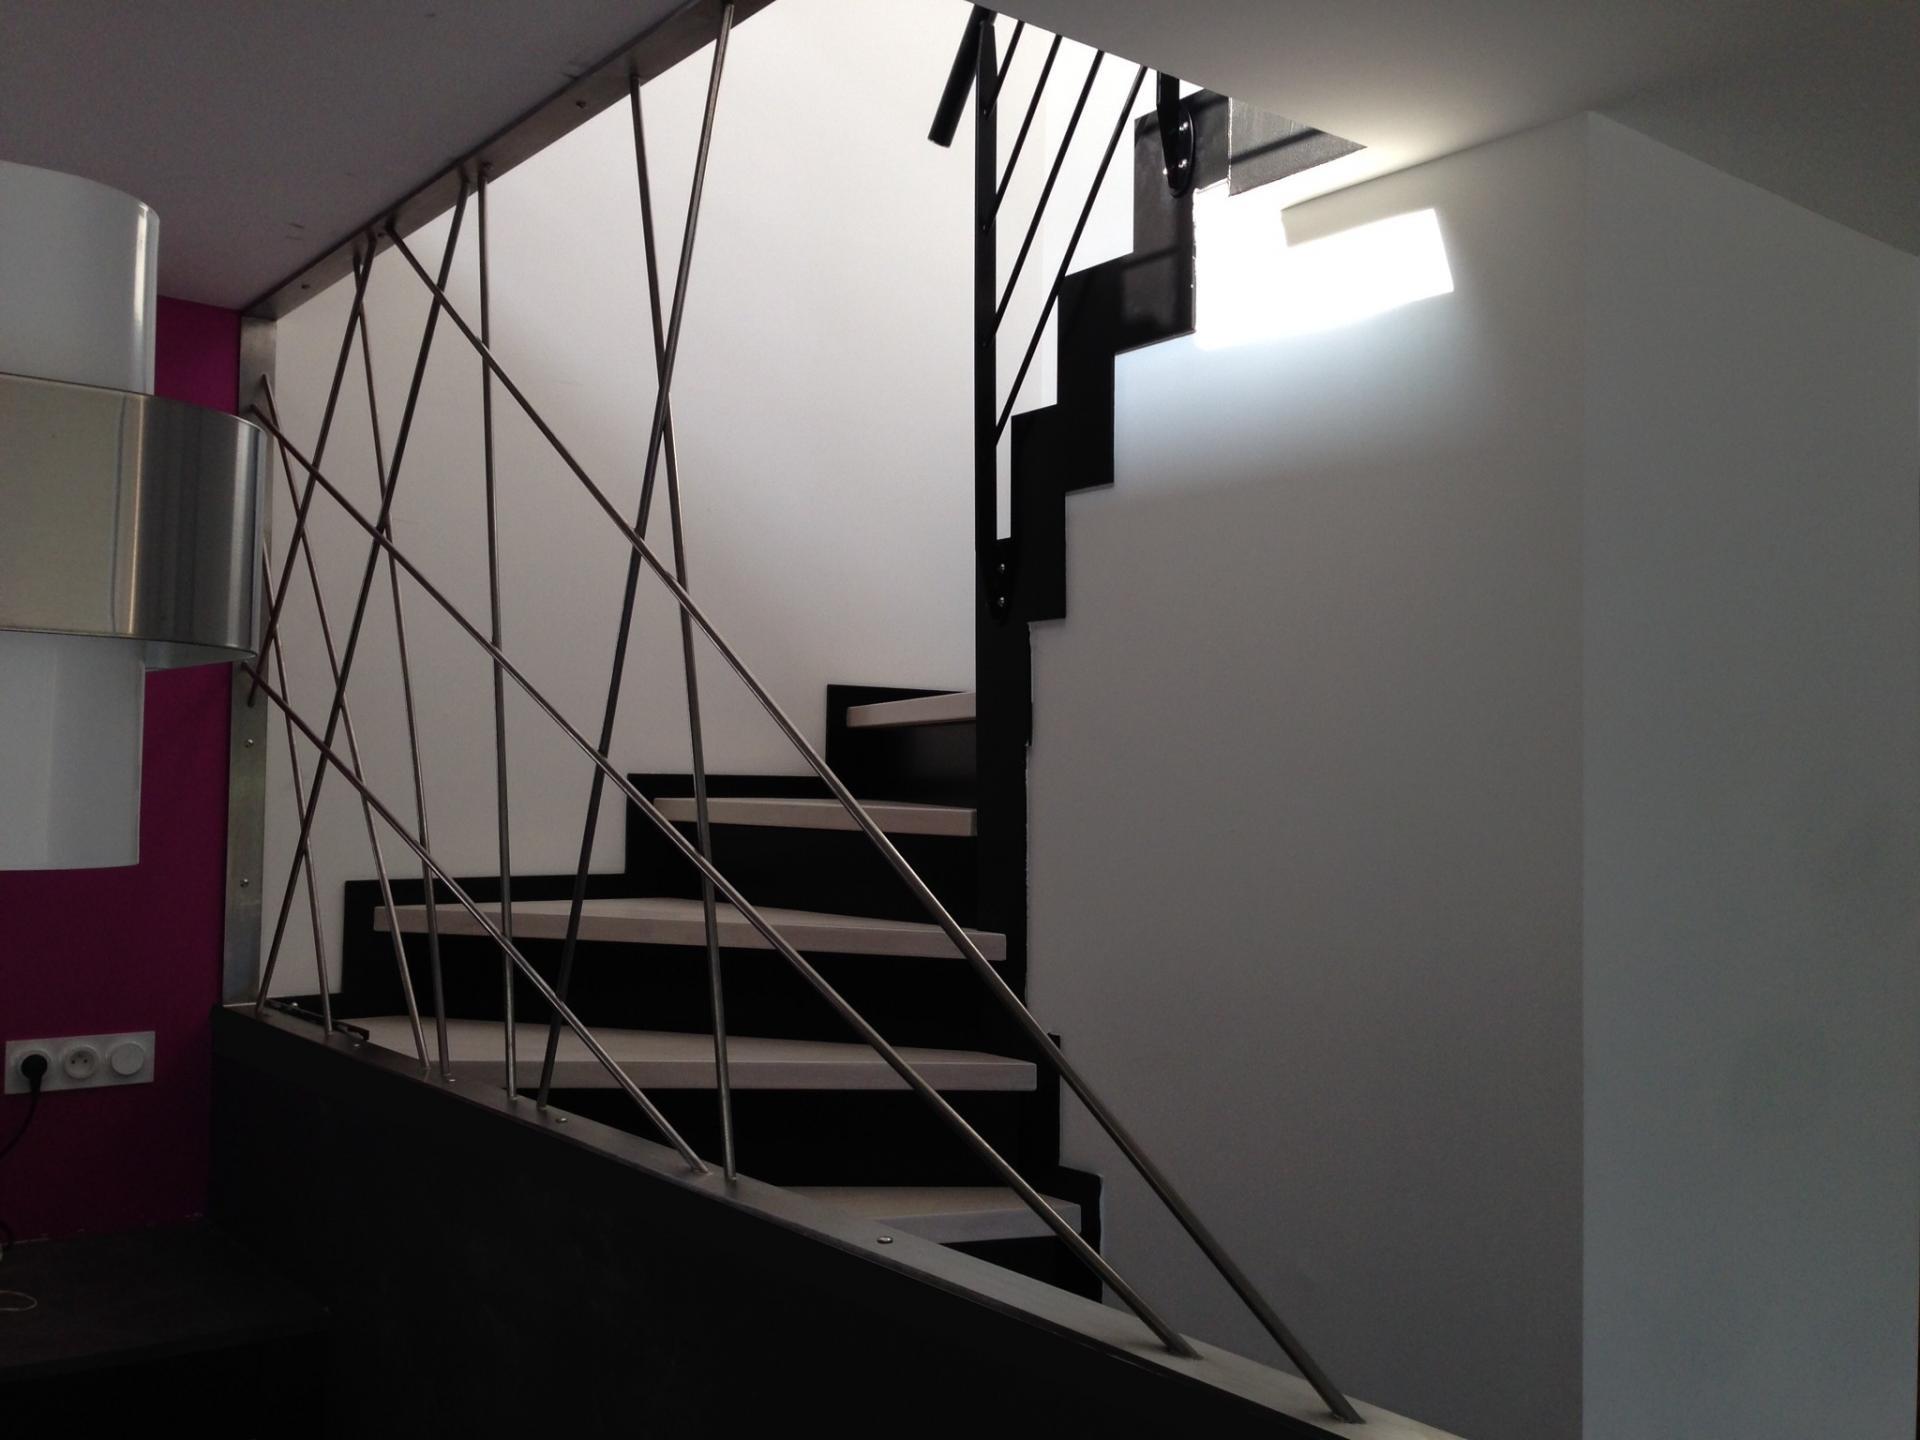 Escaliers m talliques contemporains art m tal concept quimper - Escalier cable acier ...